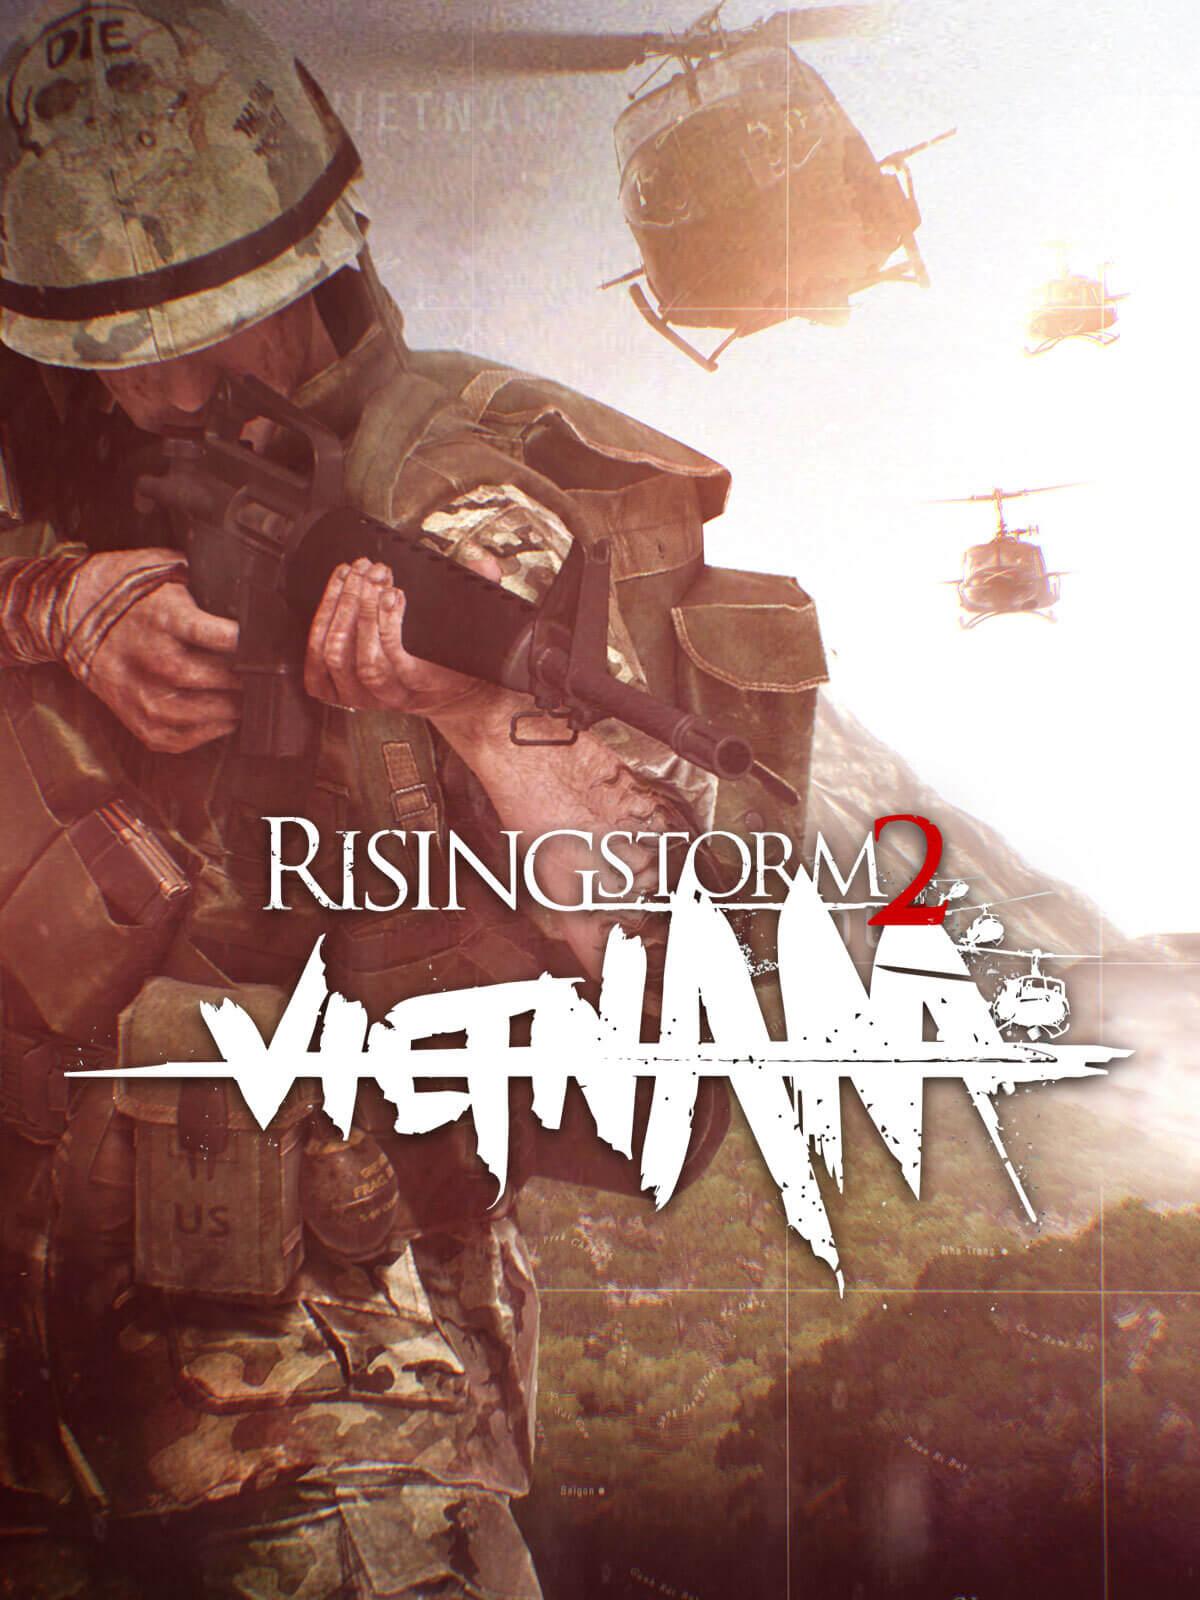 egs risingstorm2vietnam antimattergamestripwireinteractive s2 1200x1600 888994841